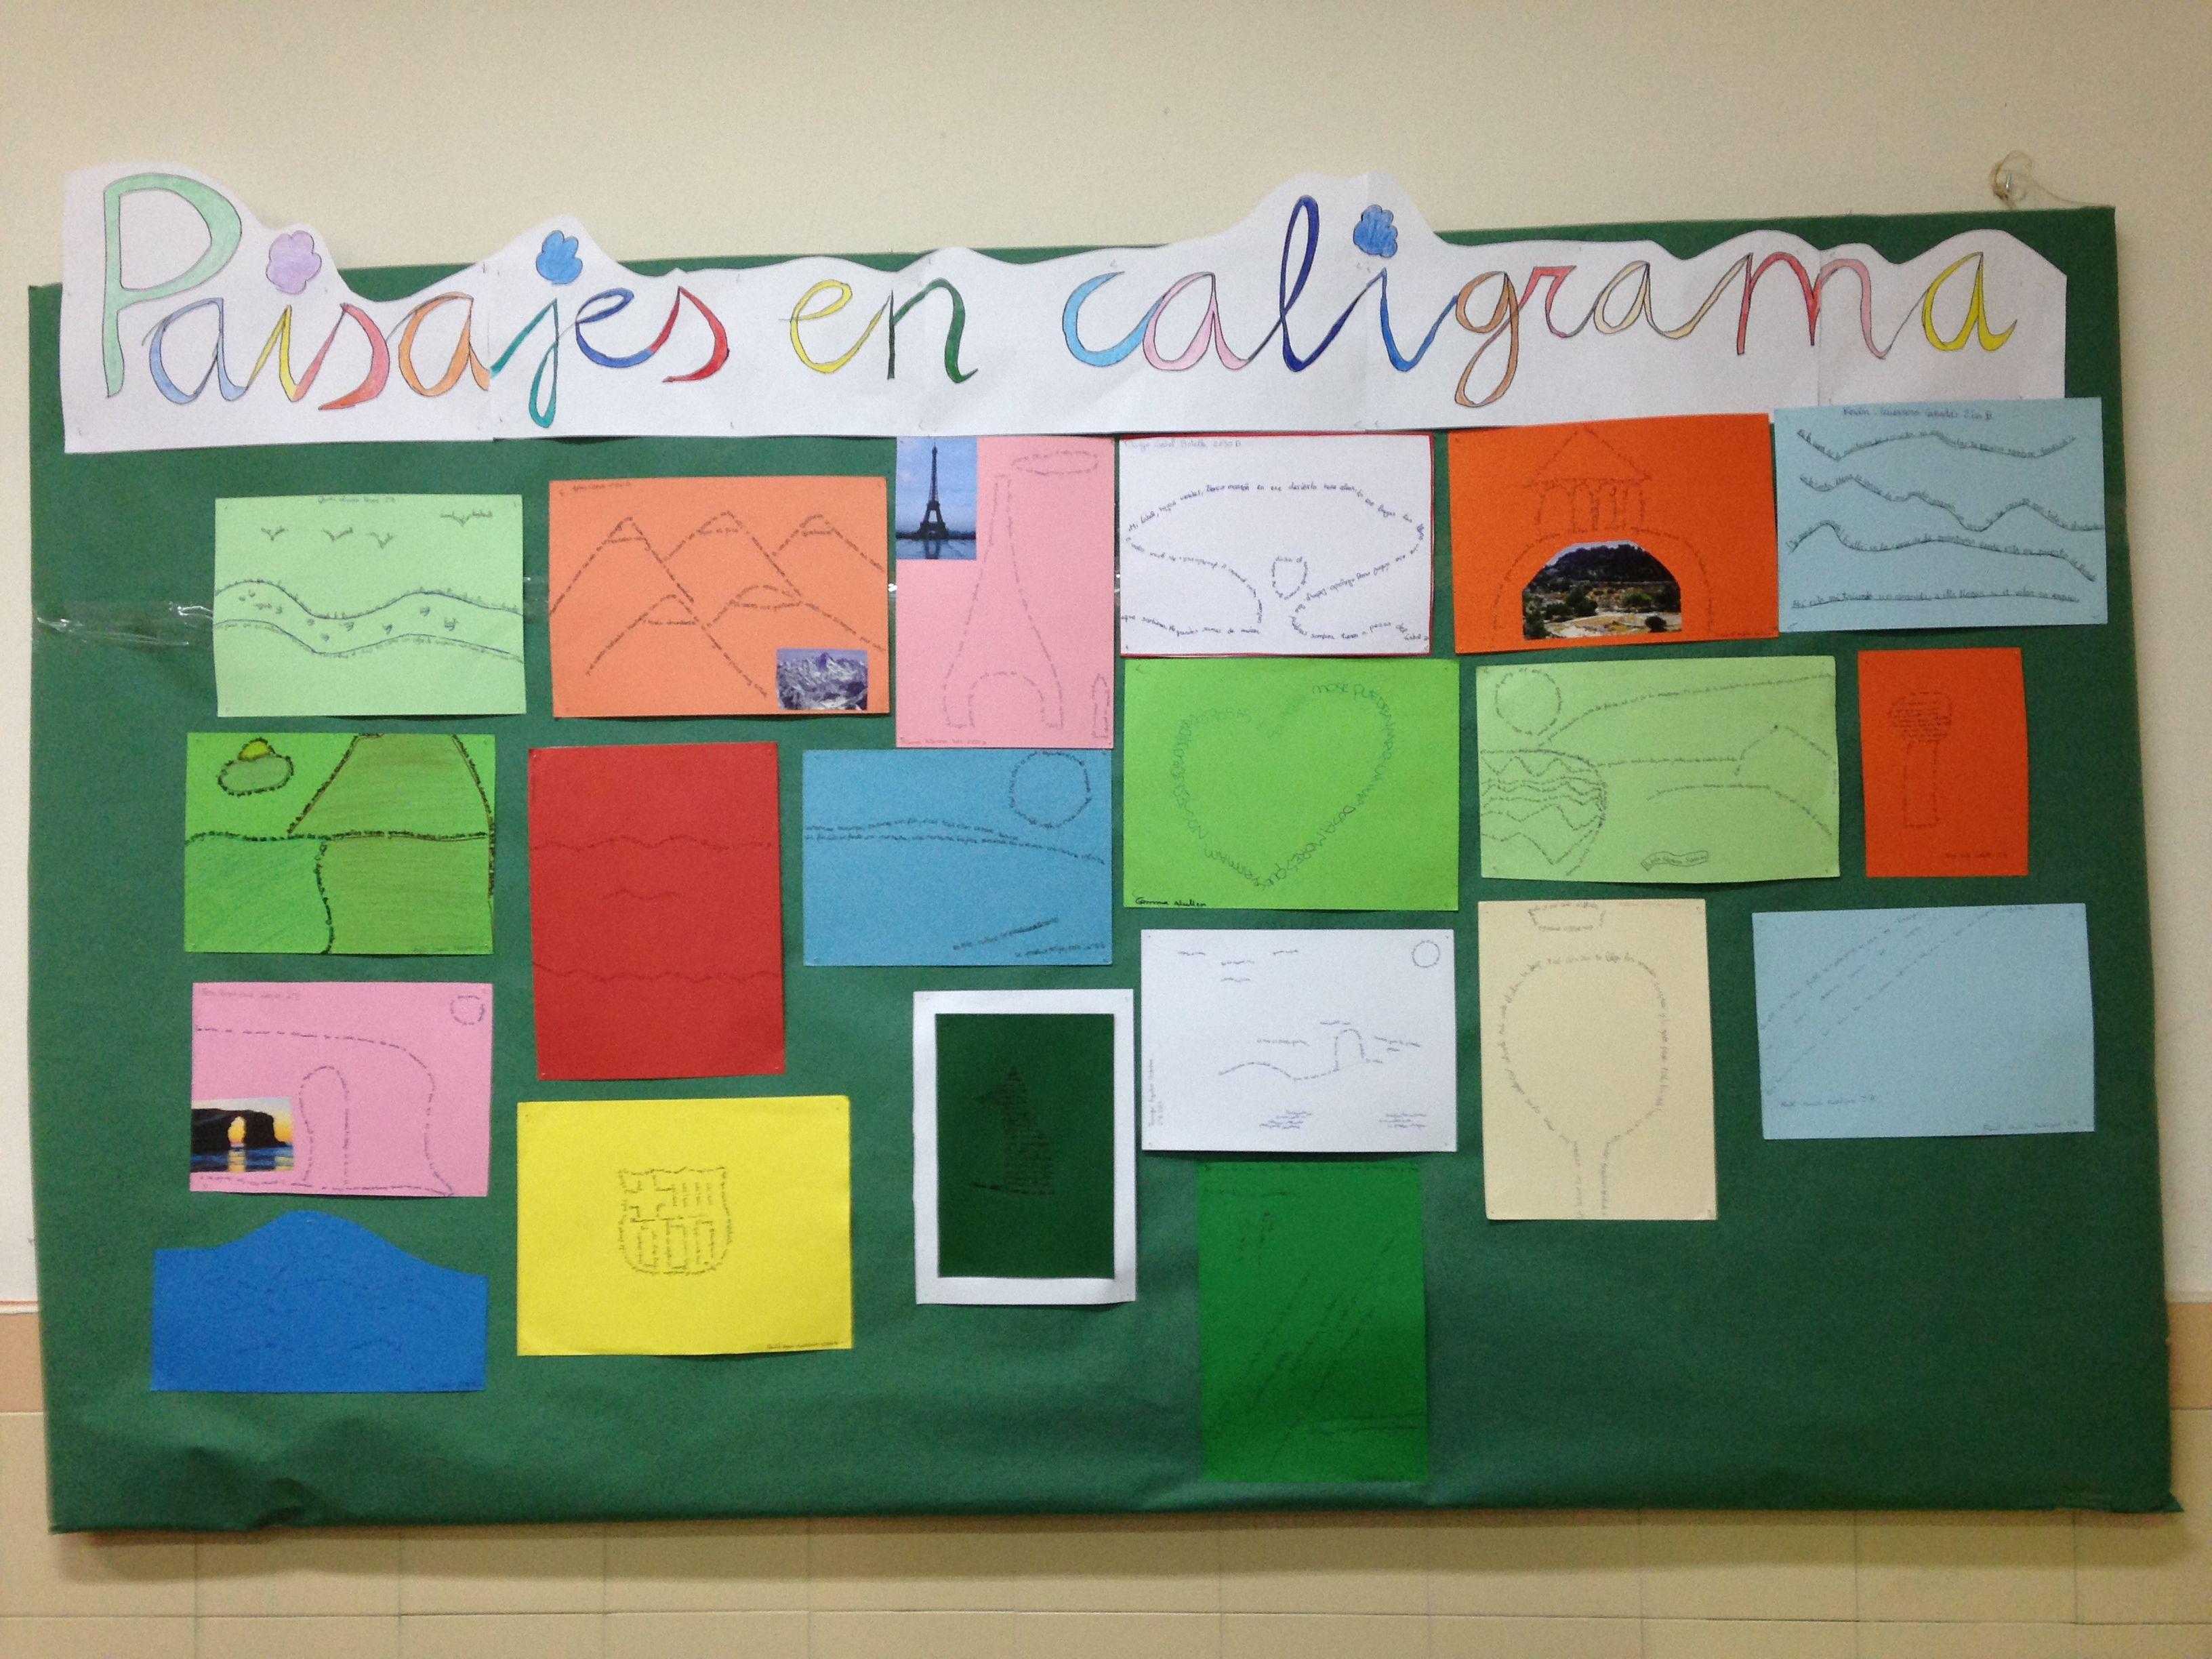 Caligramas elaborados por alumnos de 1º y 2º ESO, a partir de una imagen.